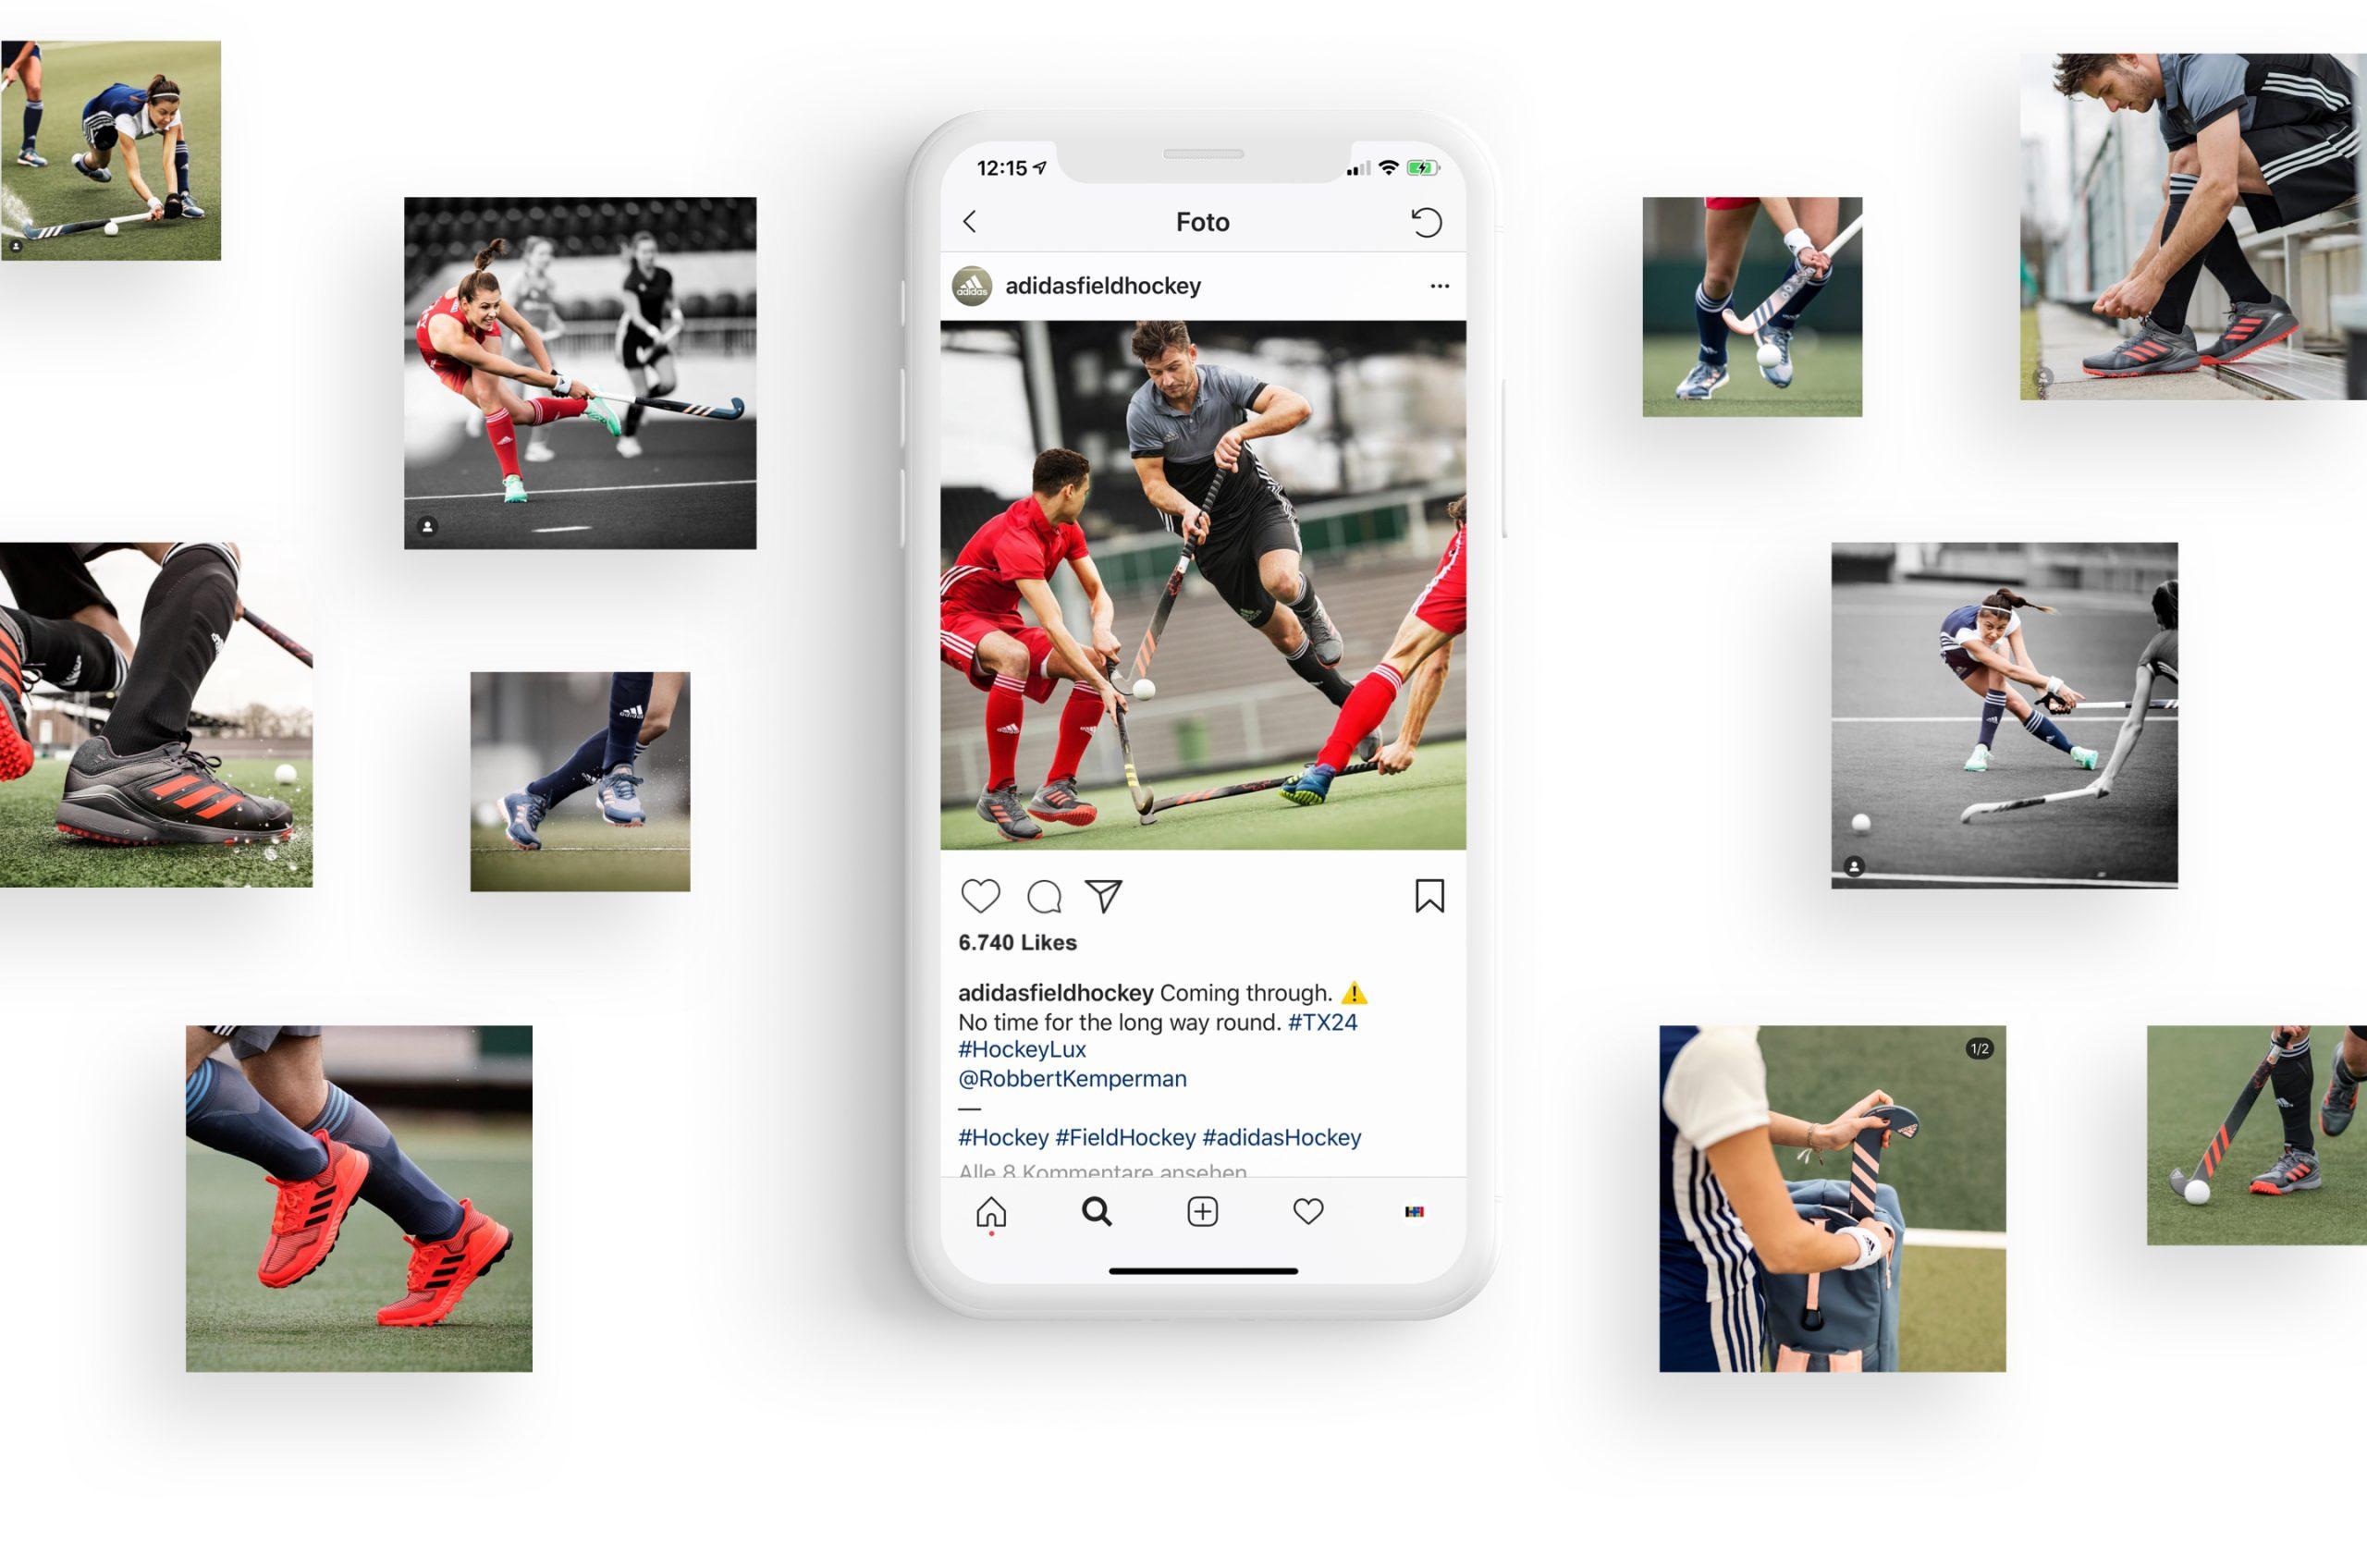 pascher-heinz-adidas-world-cup-social-media